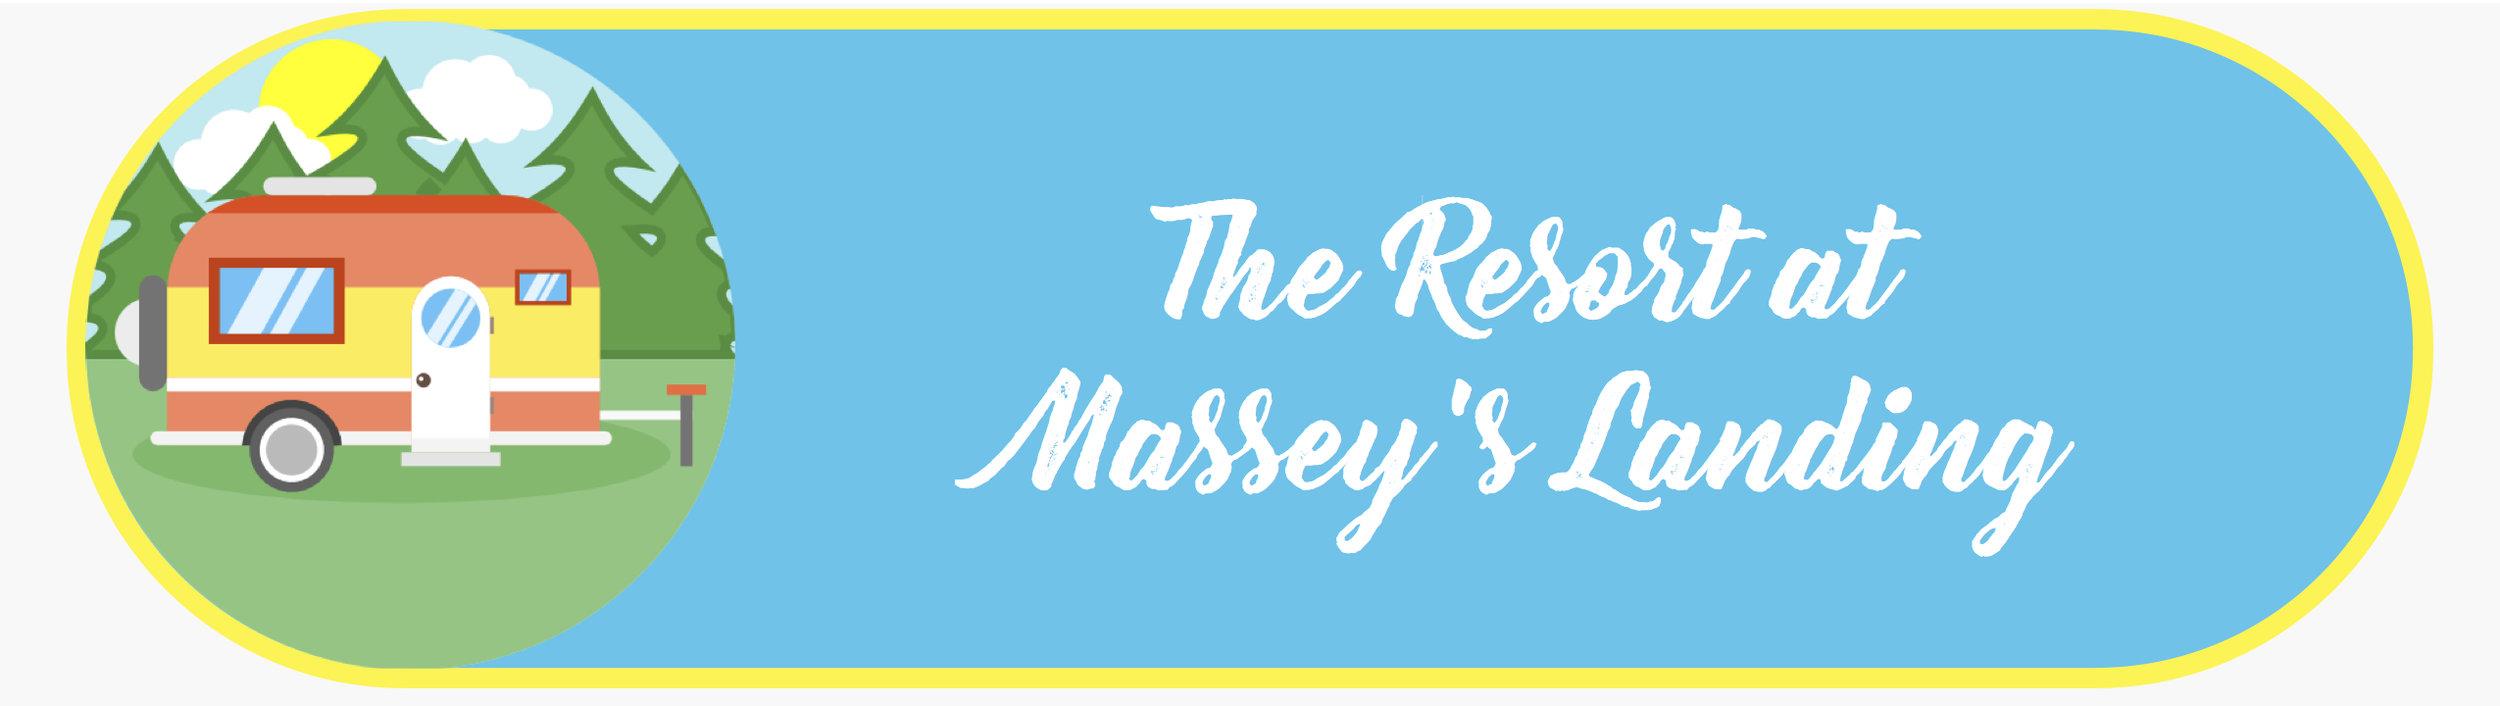 Masseys copy.jpg